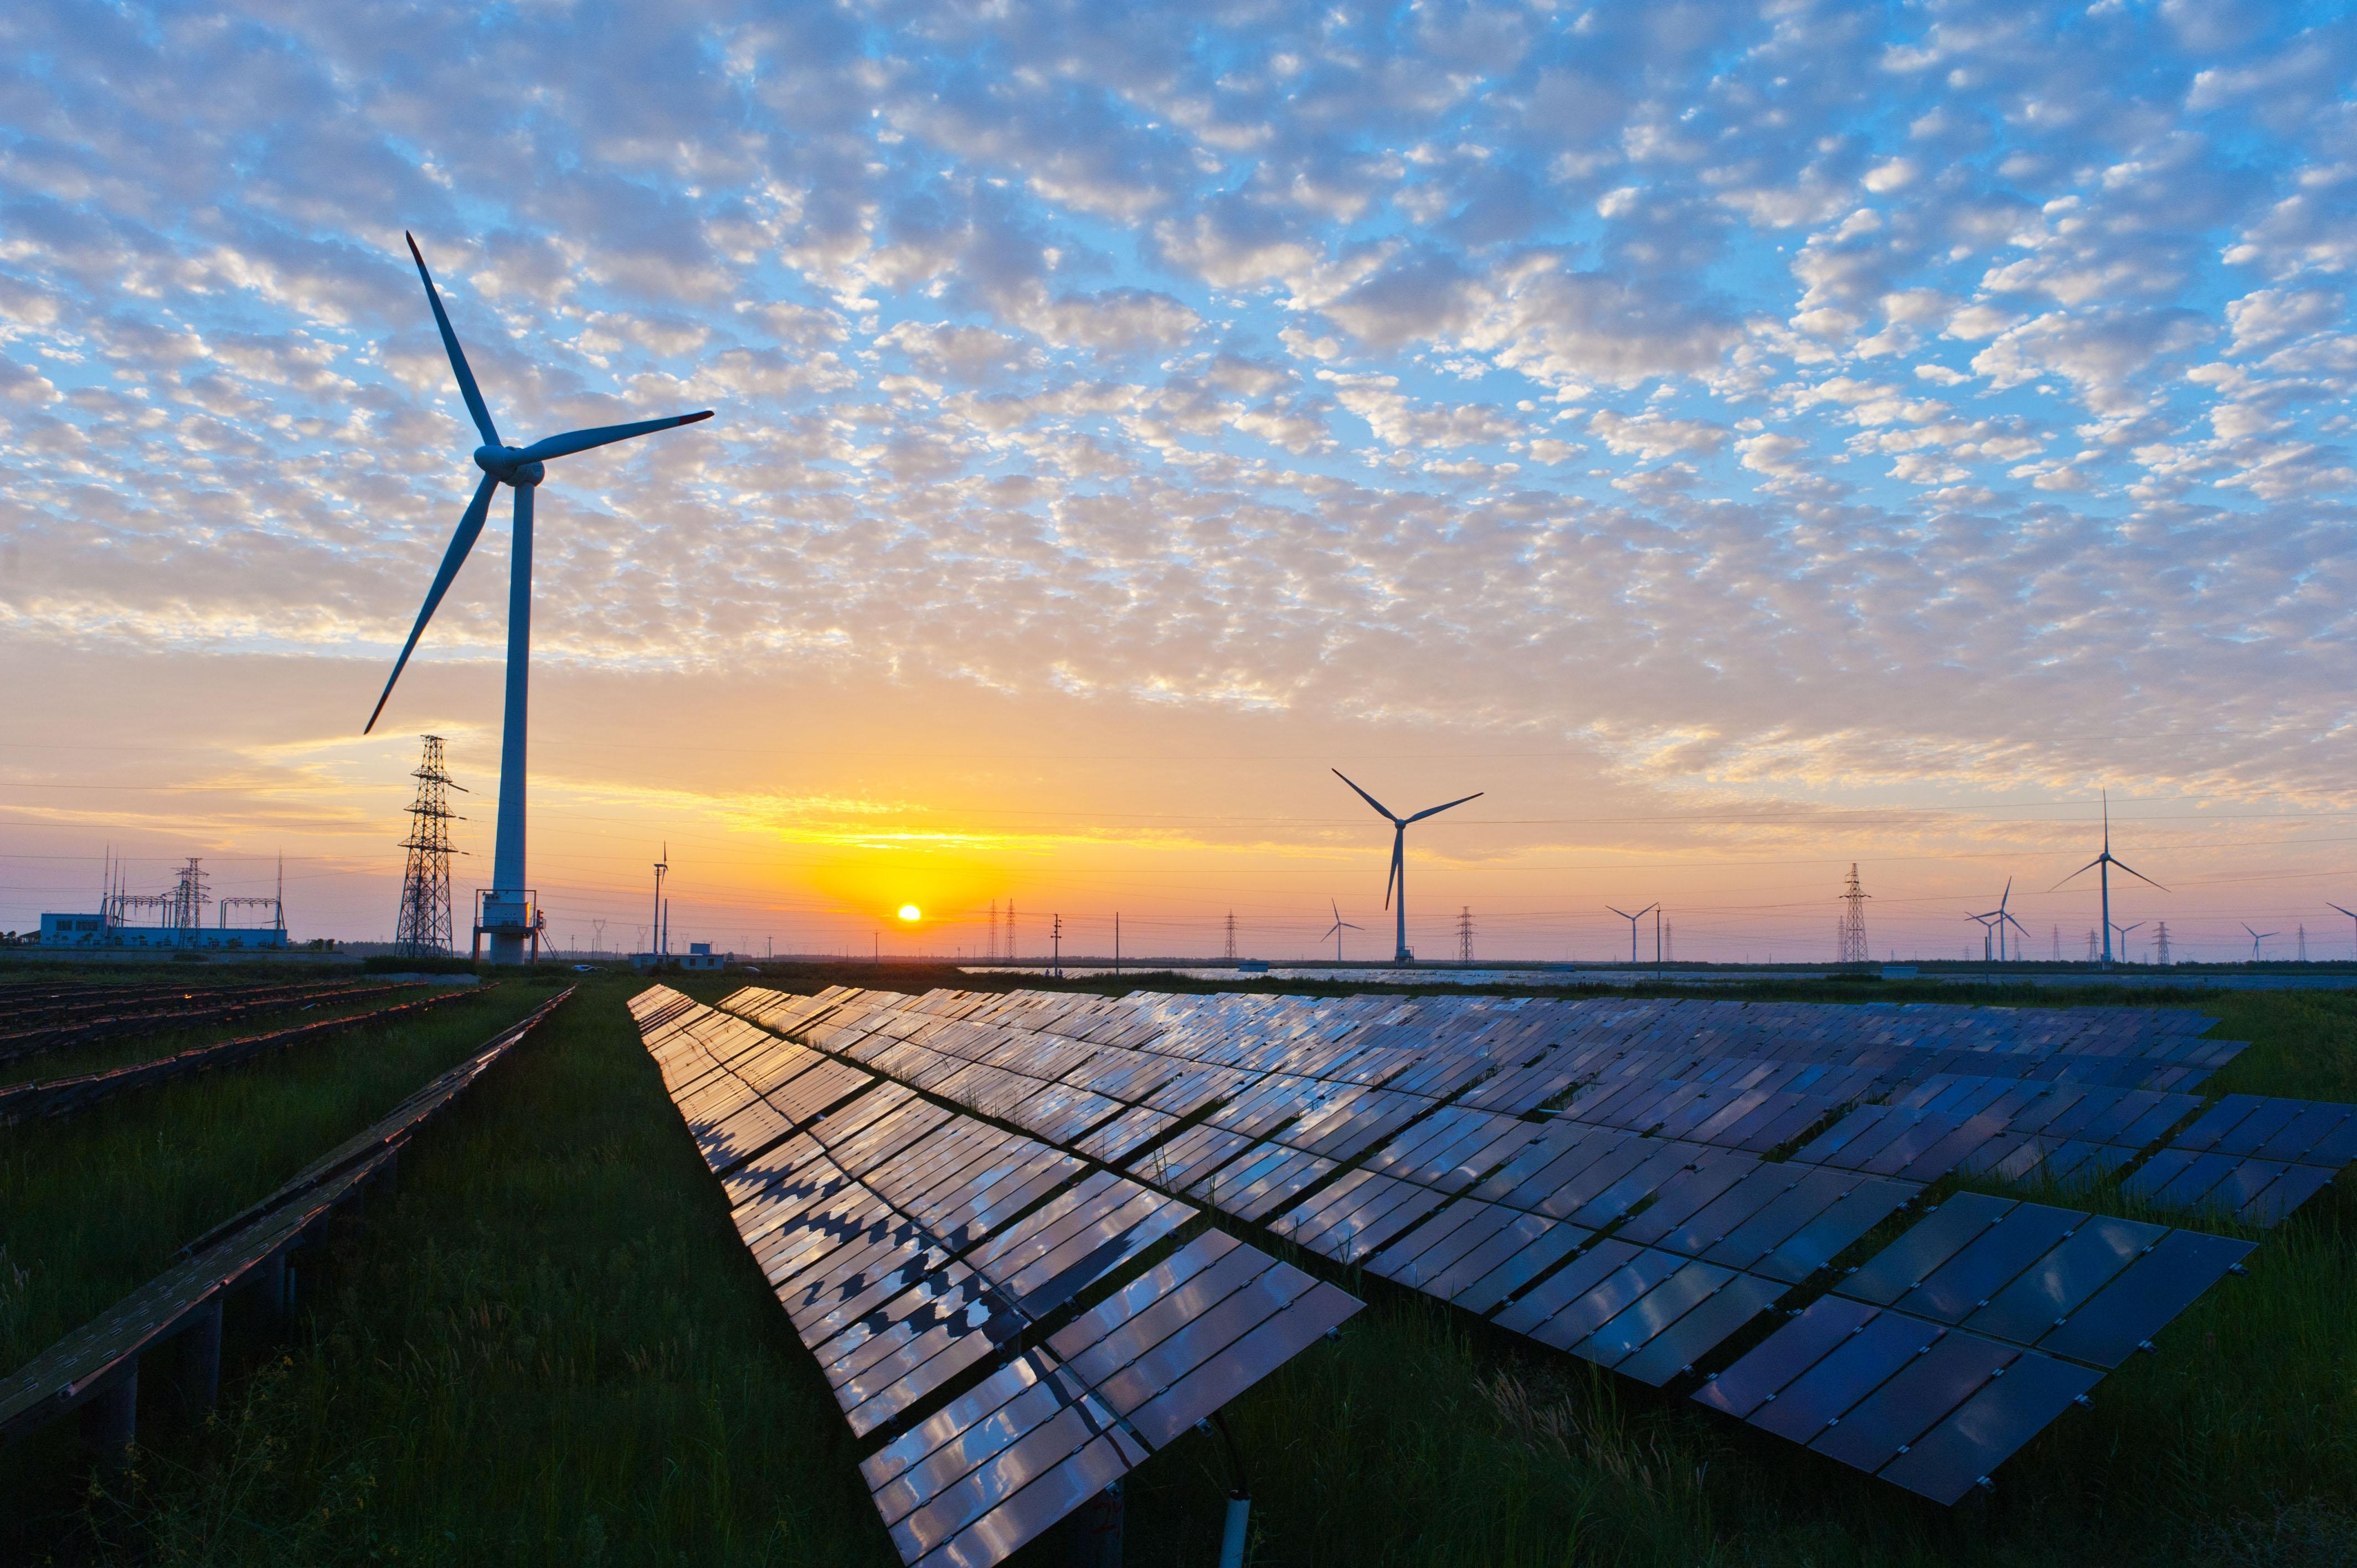 През 2018 ВЕИ изпревариха въглищата като главен източник на енергия в Германия